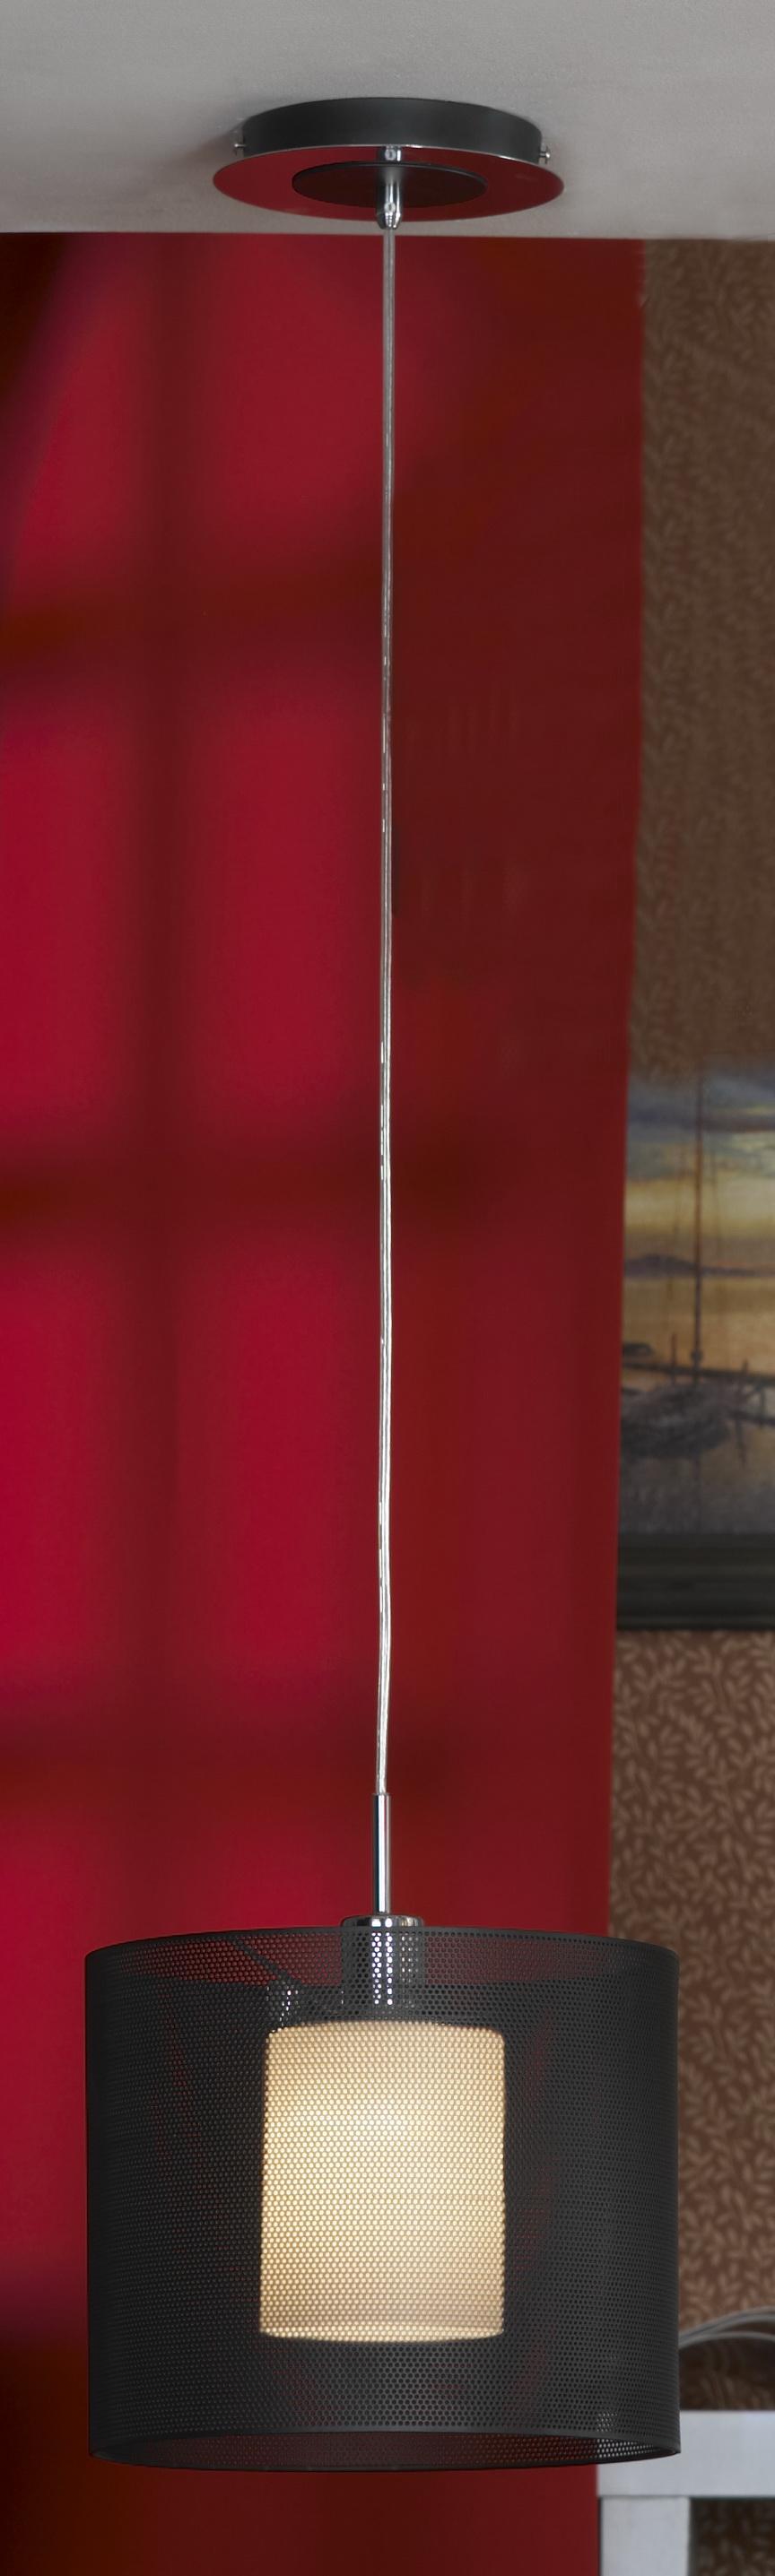 Подвес LussoleСветильники подвесные<br>Количество ламп: 1, Мощность: 60, Назначение светильника: для комнаты, Стиль светильника: модерн, Материал светильника: металл, стекло, Длина (мм): 1500, Ширина: 300, Тип лампы: накаливания, Патрон: Е27, Цвет арматуры: черный<br>